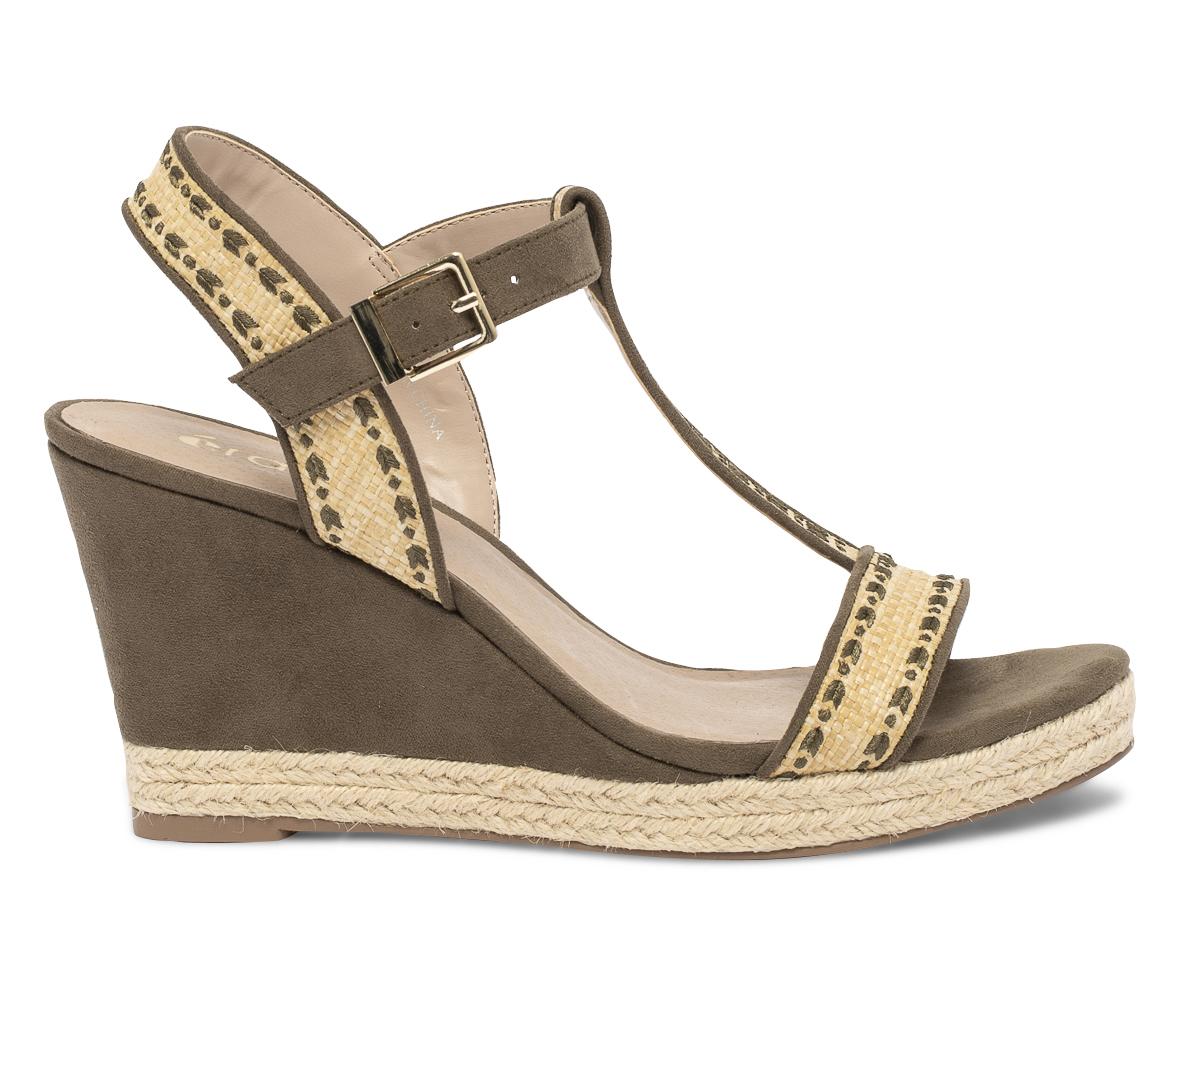 Compensée Sandale Compensée Kaki Brodée Brodée Eram Eram Sandale Compensée Sandale Eram Kaki deWCroxB